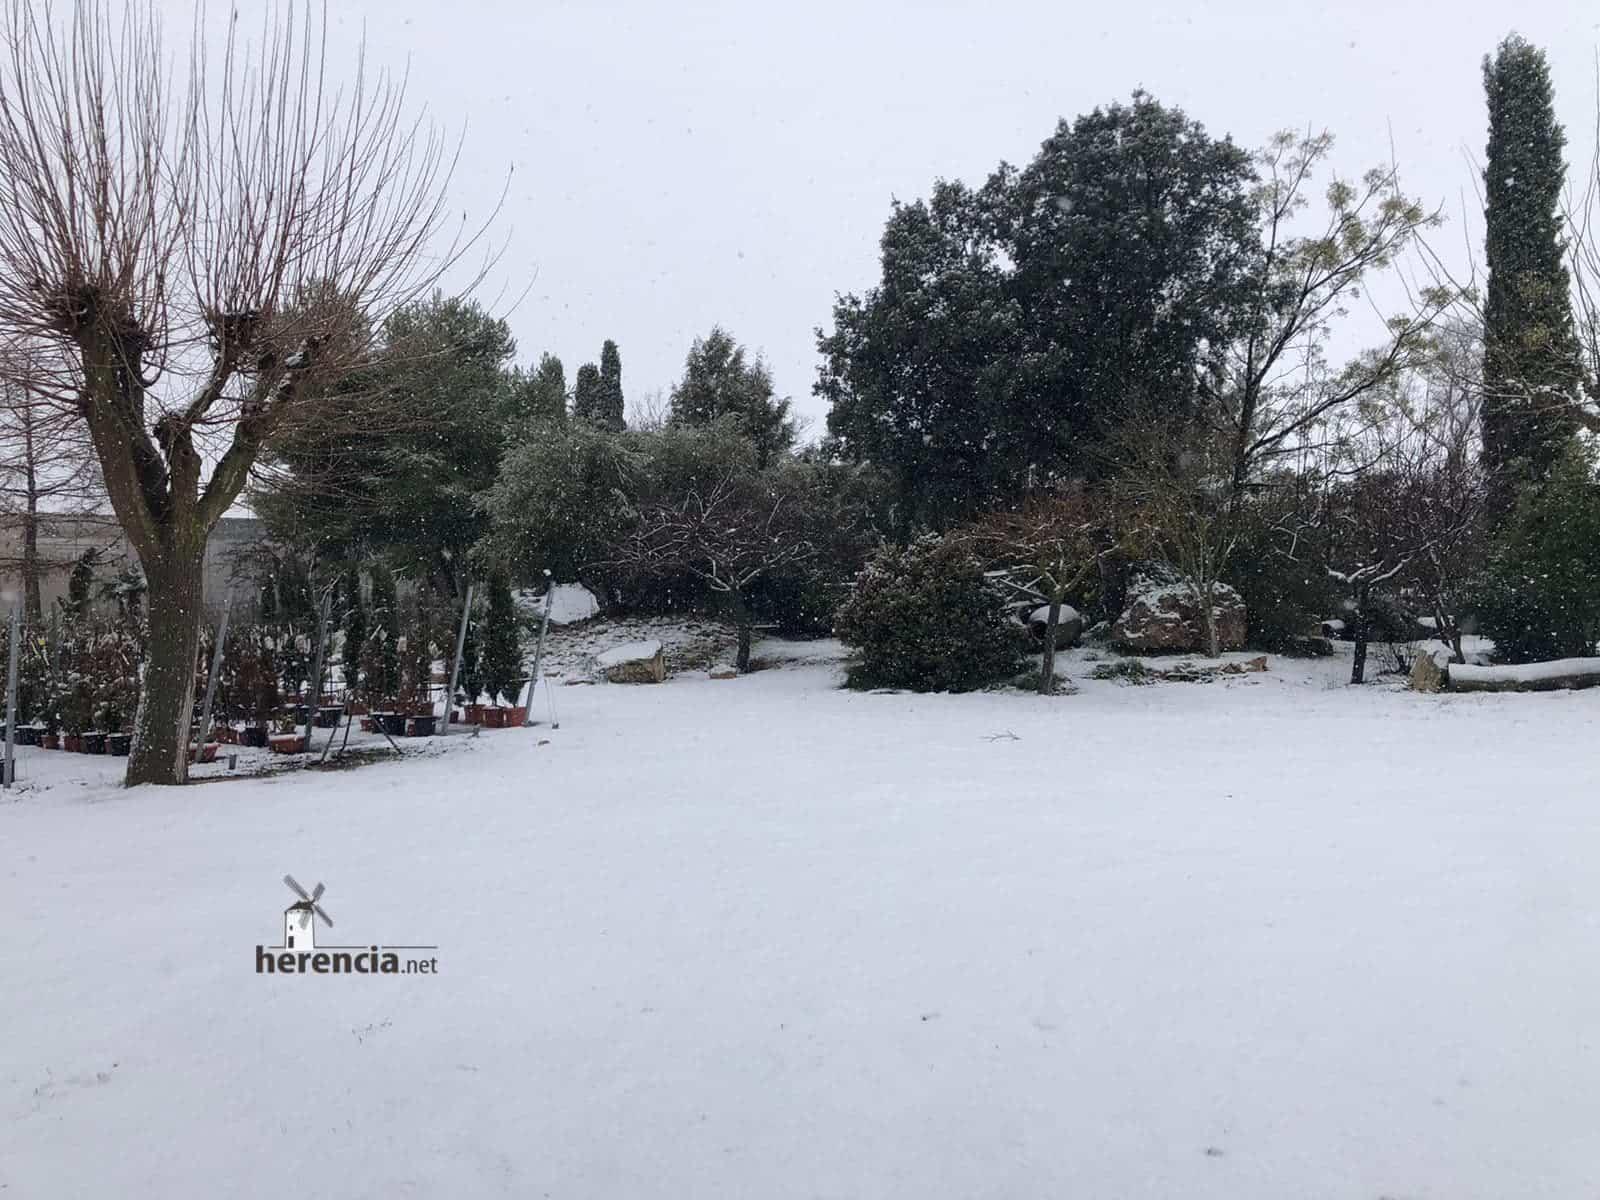 Las nevadas llegan Herencia y a toda Castilla-La Mancha (actualizado) 117